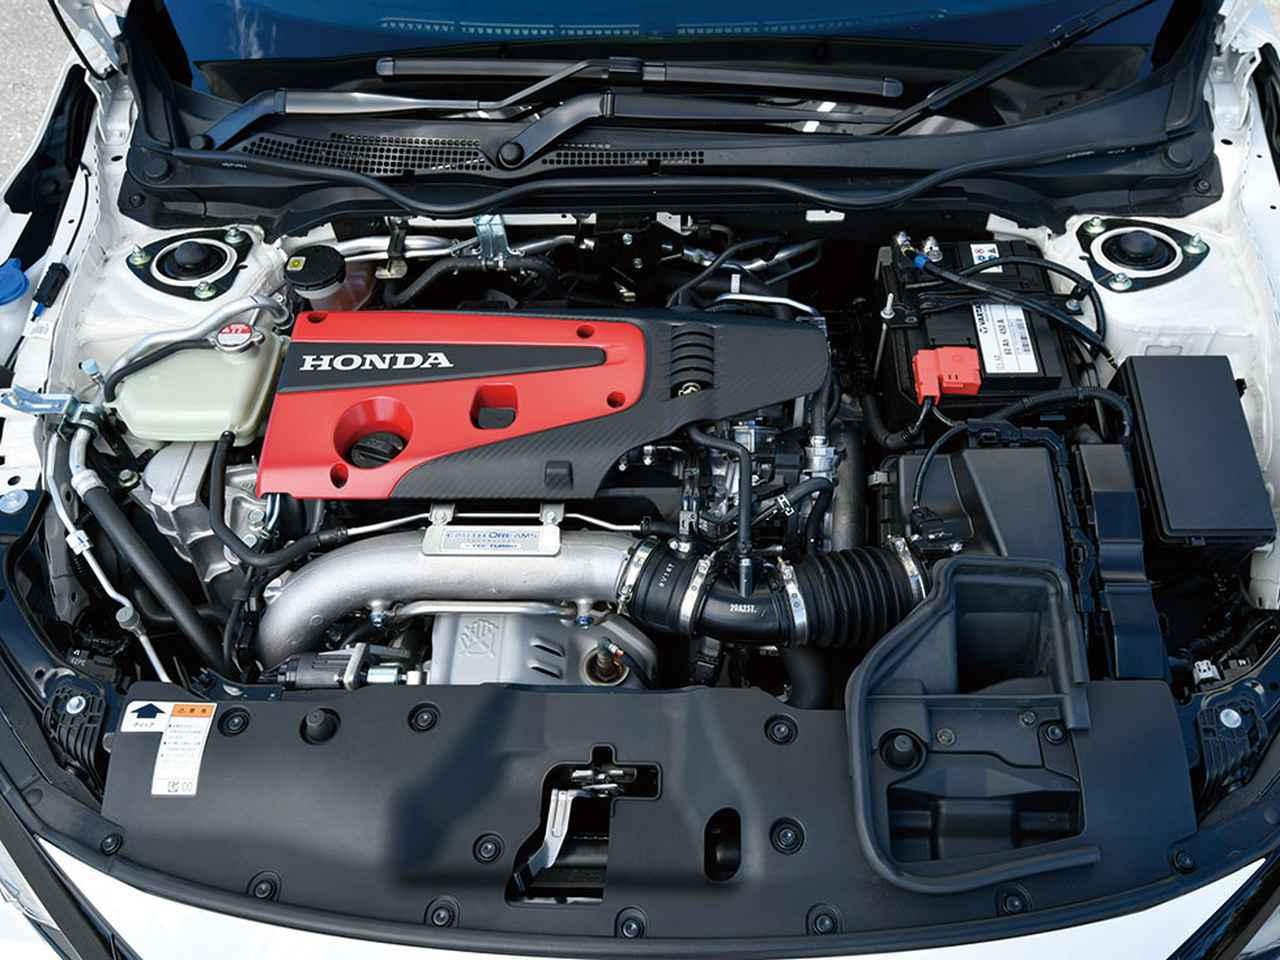 画像: 低慣性モノスクロールターボチャージャー、排気側VTEC、吸排気VTCなどによって強トルクと優れたレスポンスを実現している。(シビック タイプR)